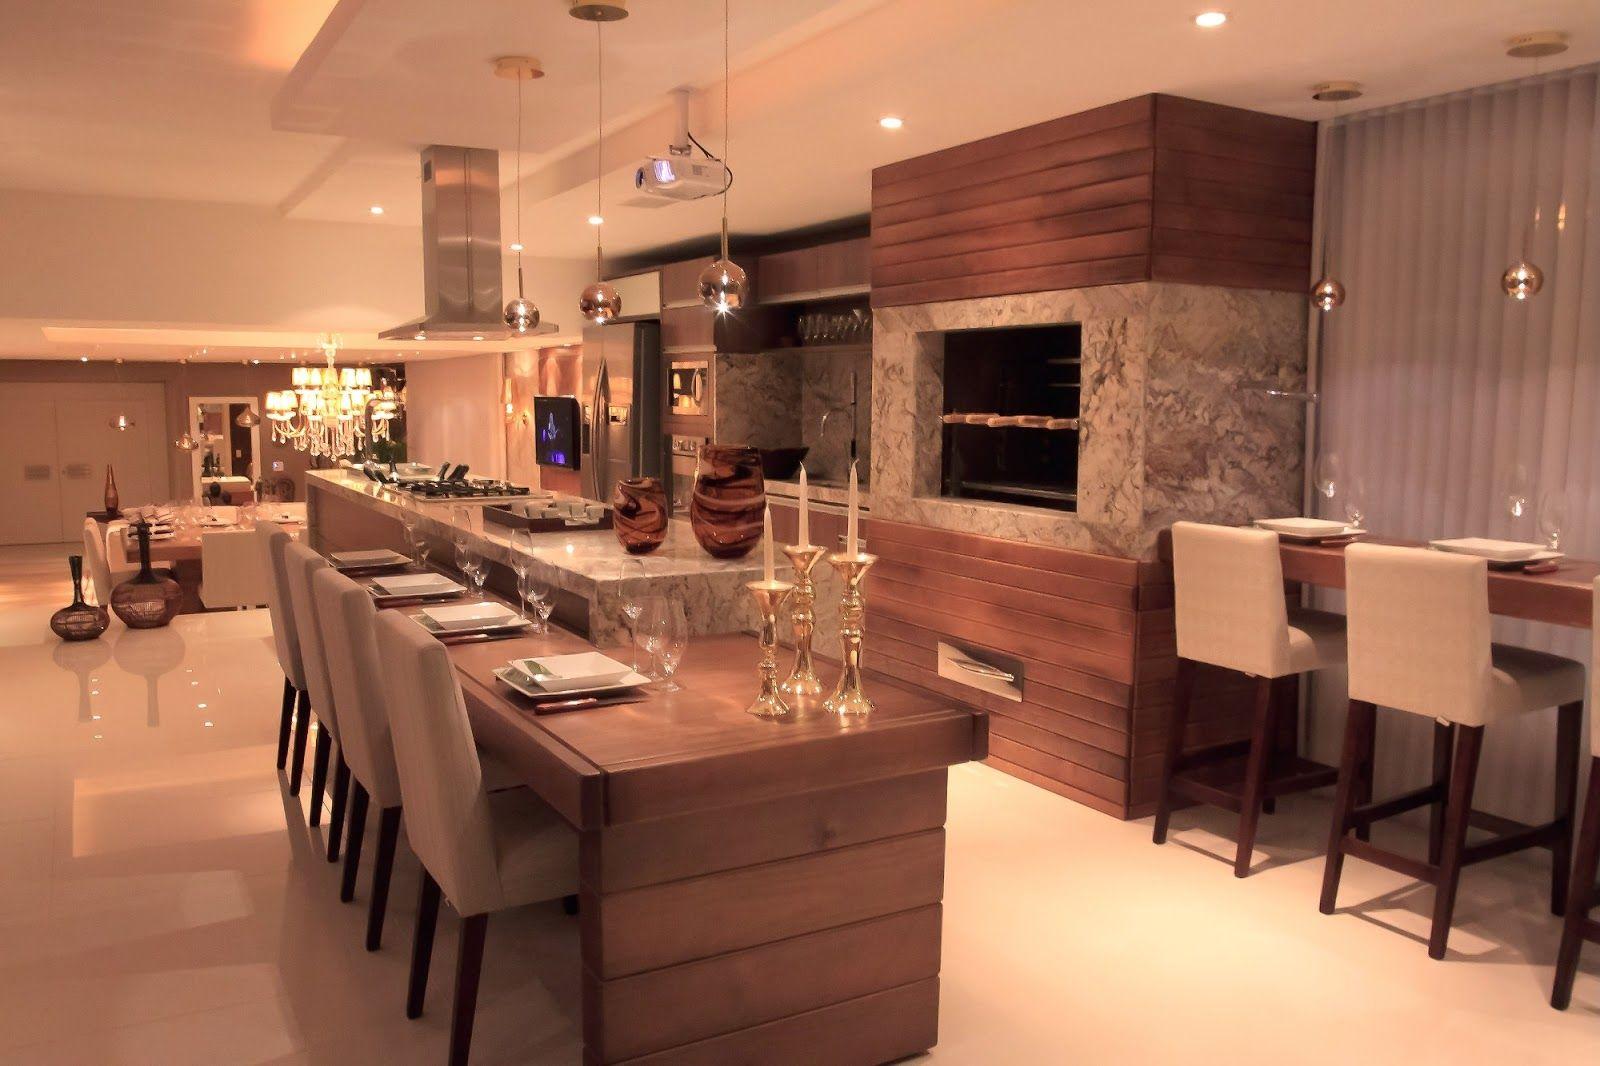 20 Cozinhas Integradas S Salas Veja Dicas E Tend Ncias De